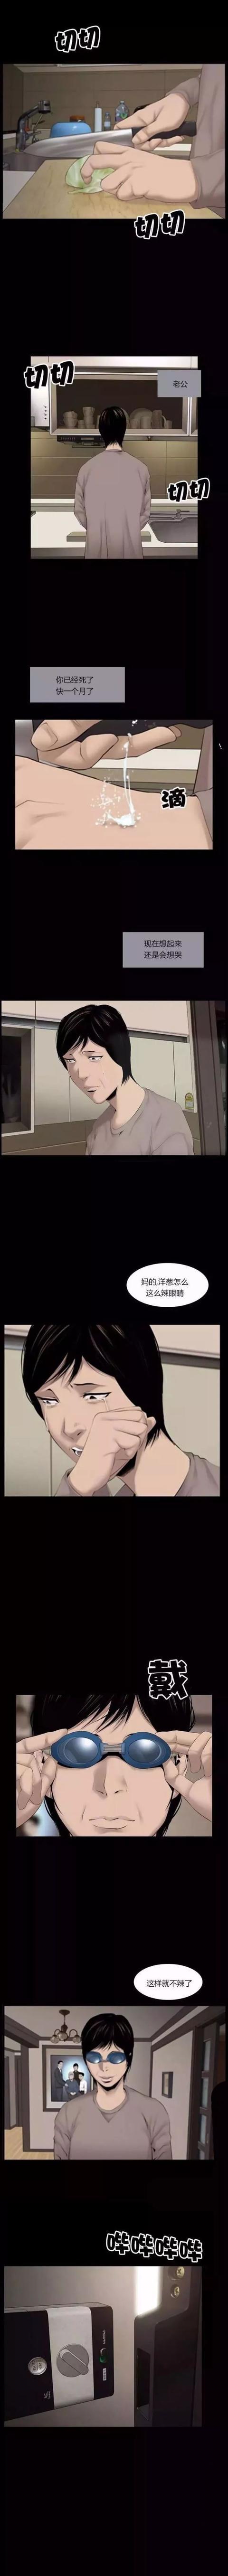 漫画 韩国,韩国人性漫画《恶媳妇》